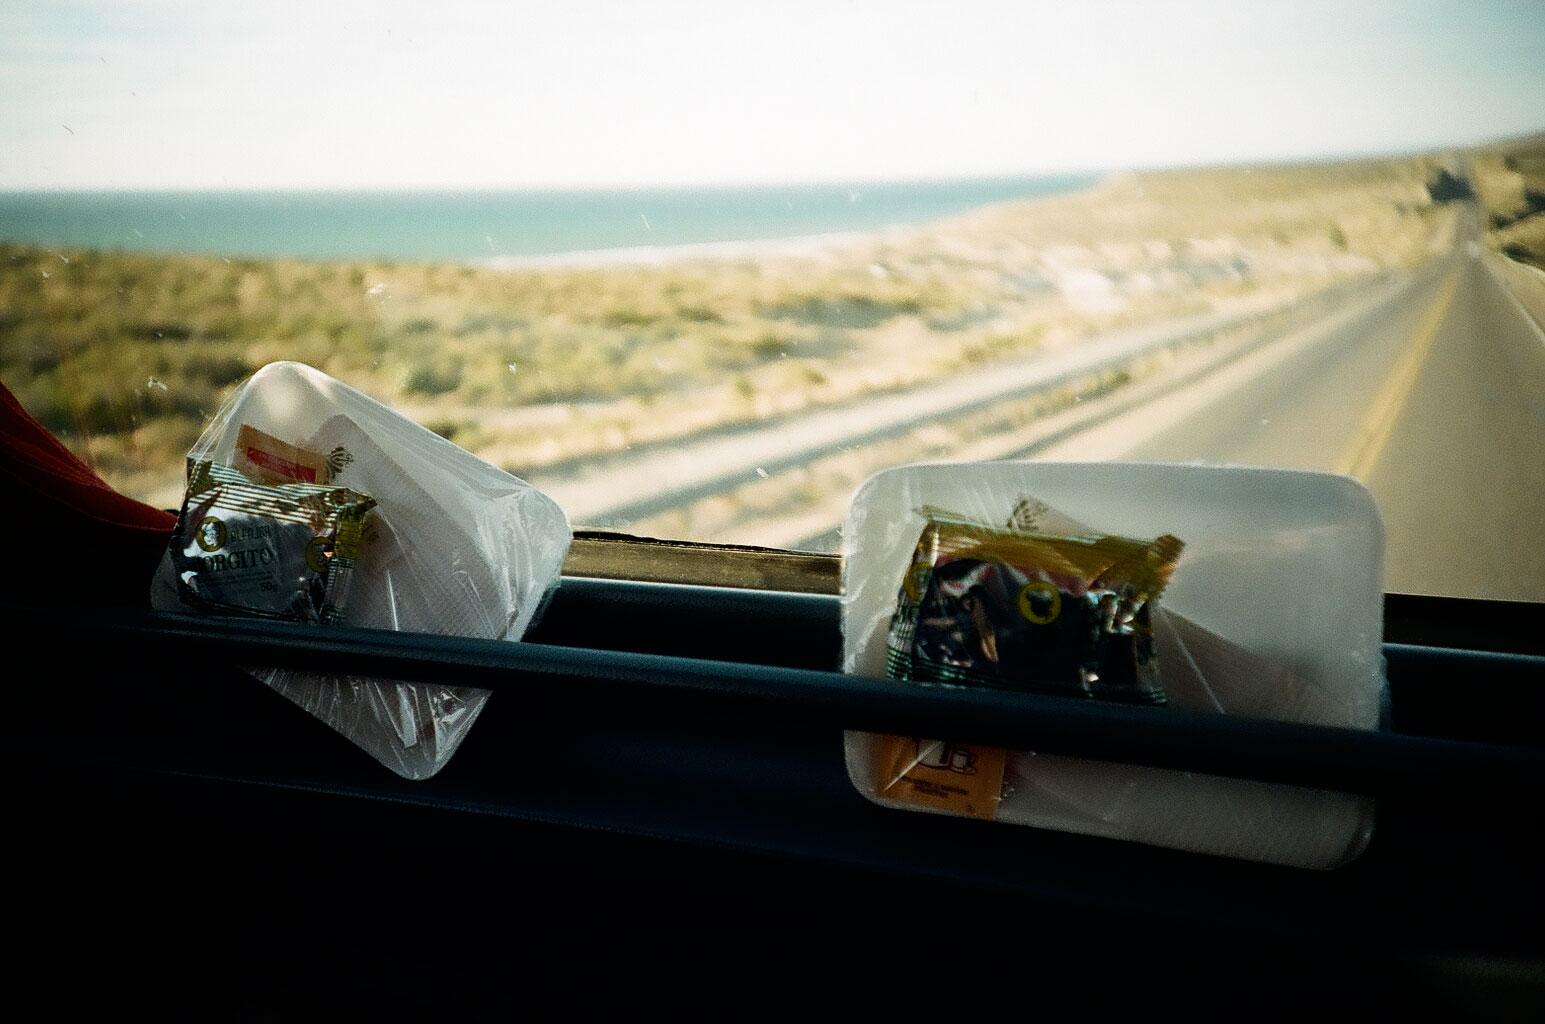 Während wir im Norden im Bus noch mit einem Gläschen Sekt begrüßt wurden und nach dem Essen Whiskey als Digestiv serviert wurde, erinnert die Bordverpflegung im Süden eher an Snacks auf europäischen Kurzstreckenflügen. Foto: Lothar Ruttner